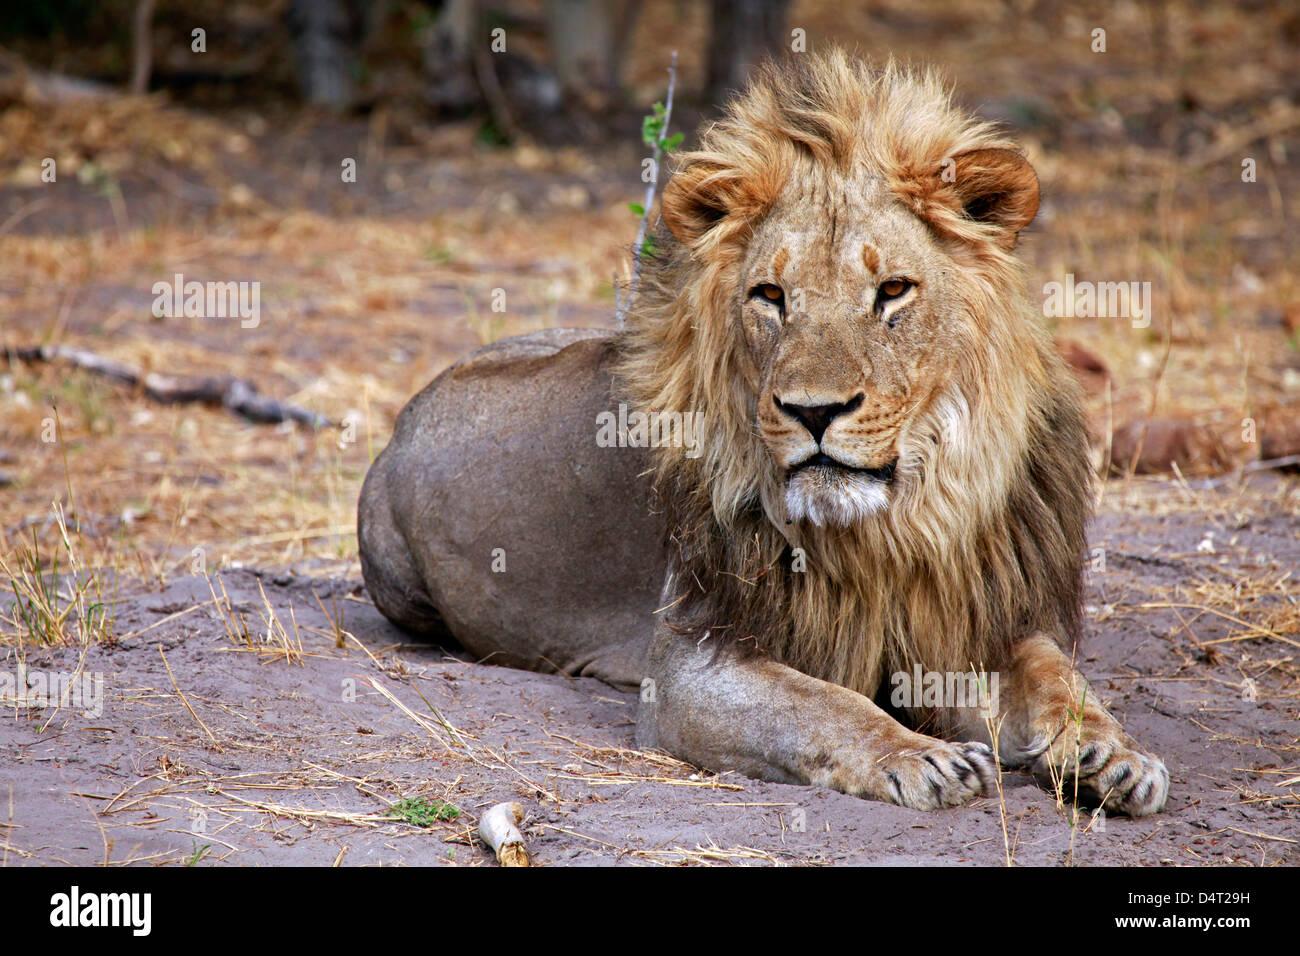 Botswana, Savute. Male lion of Savute in Chobe National Park. - Stock Image